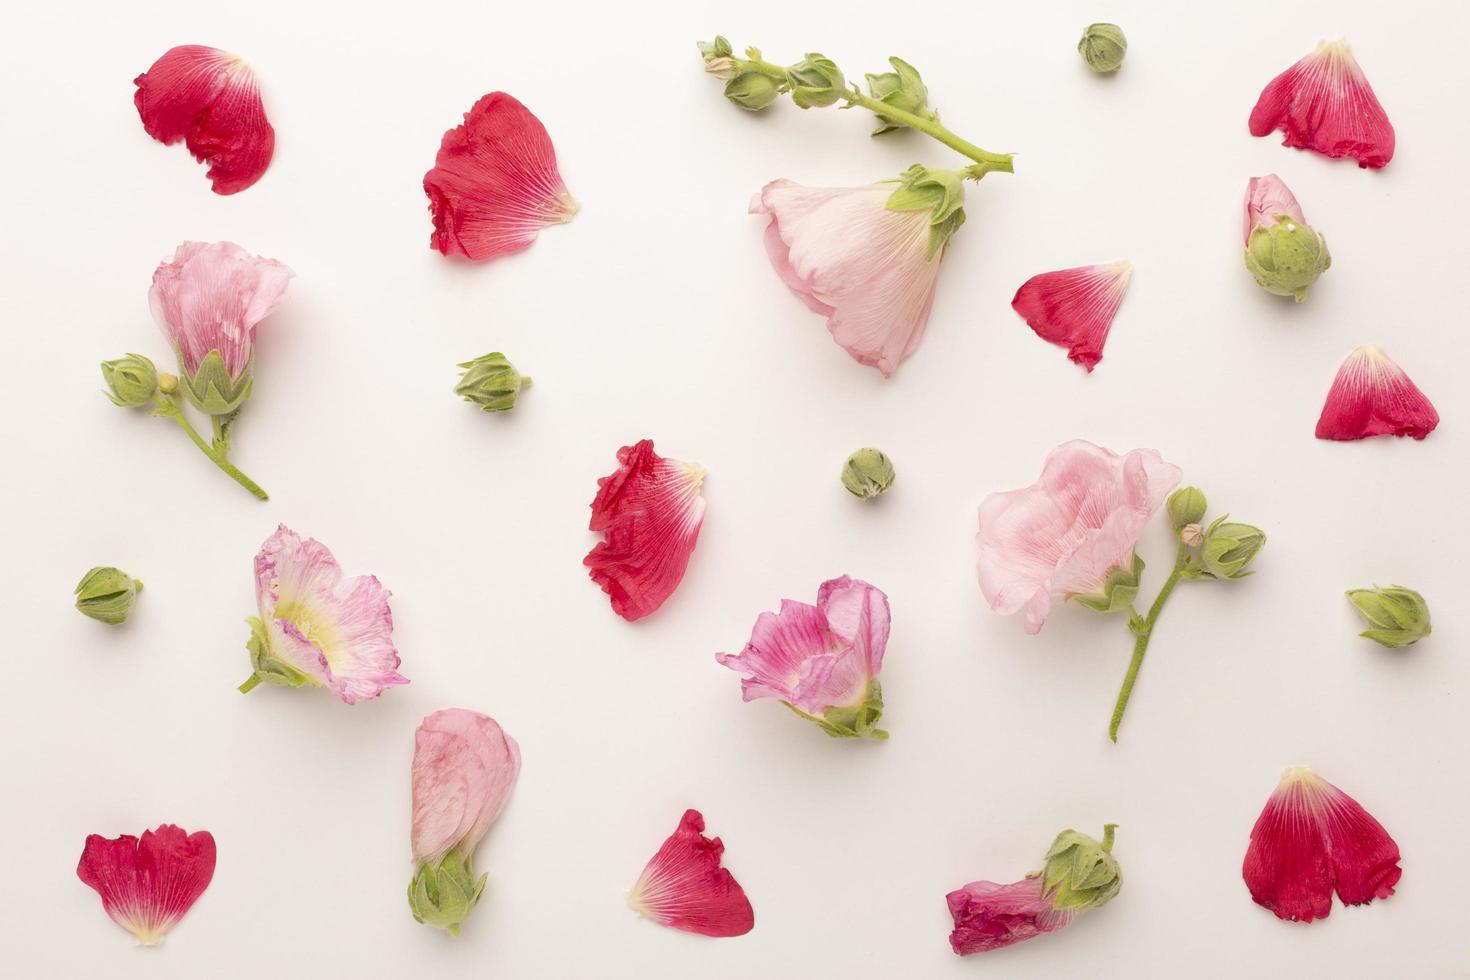 la vista superior composición flores foto